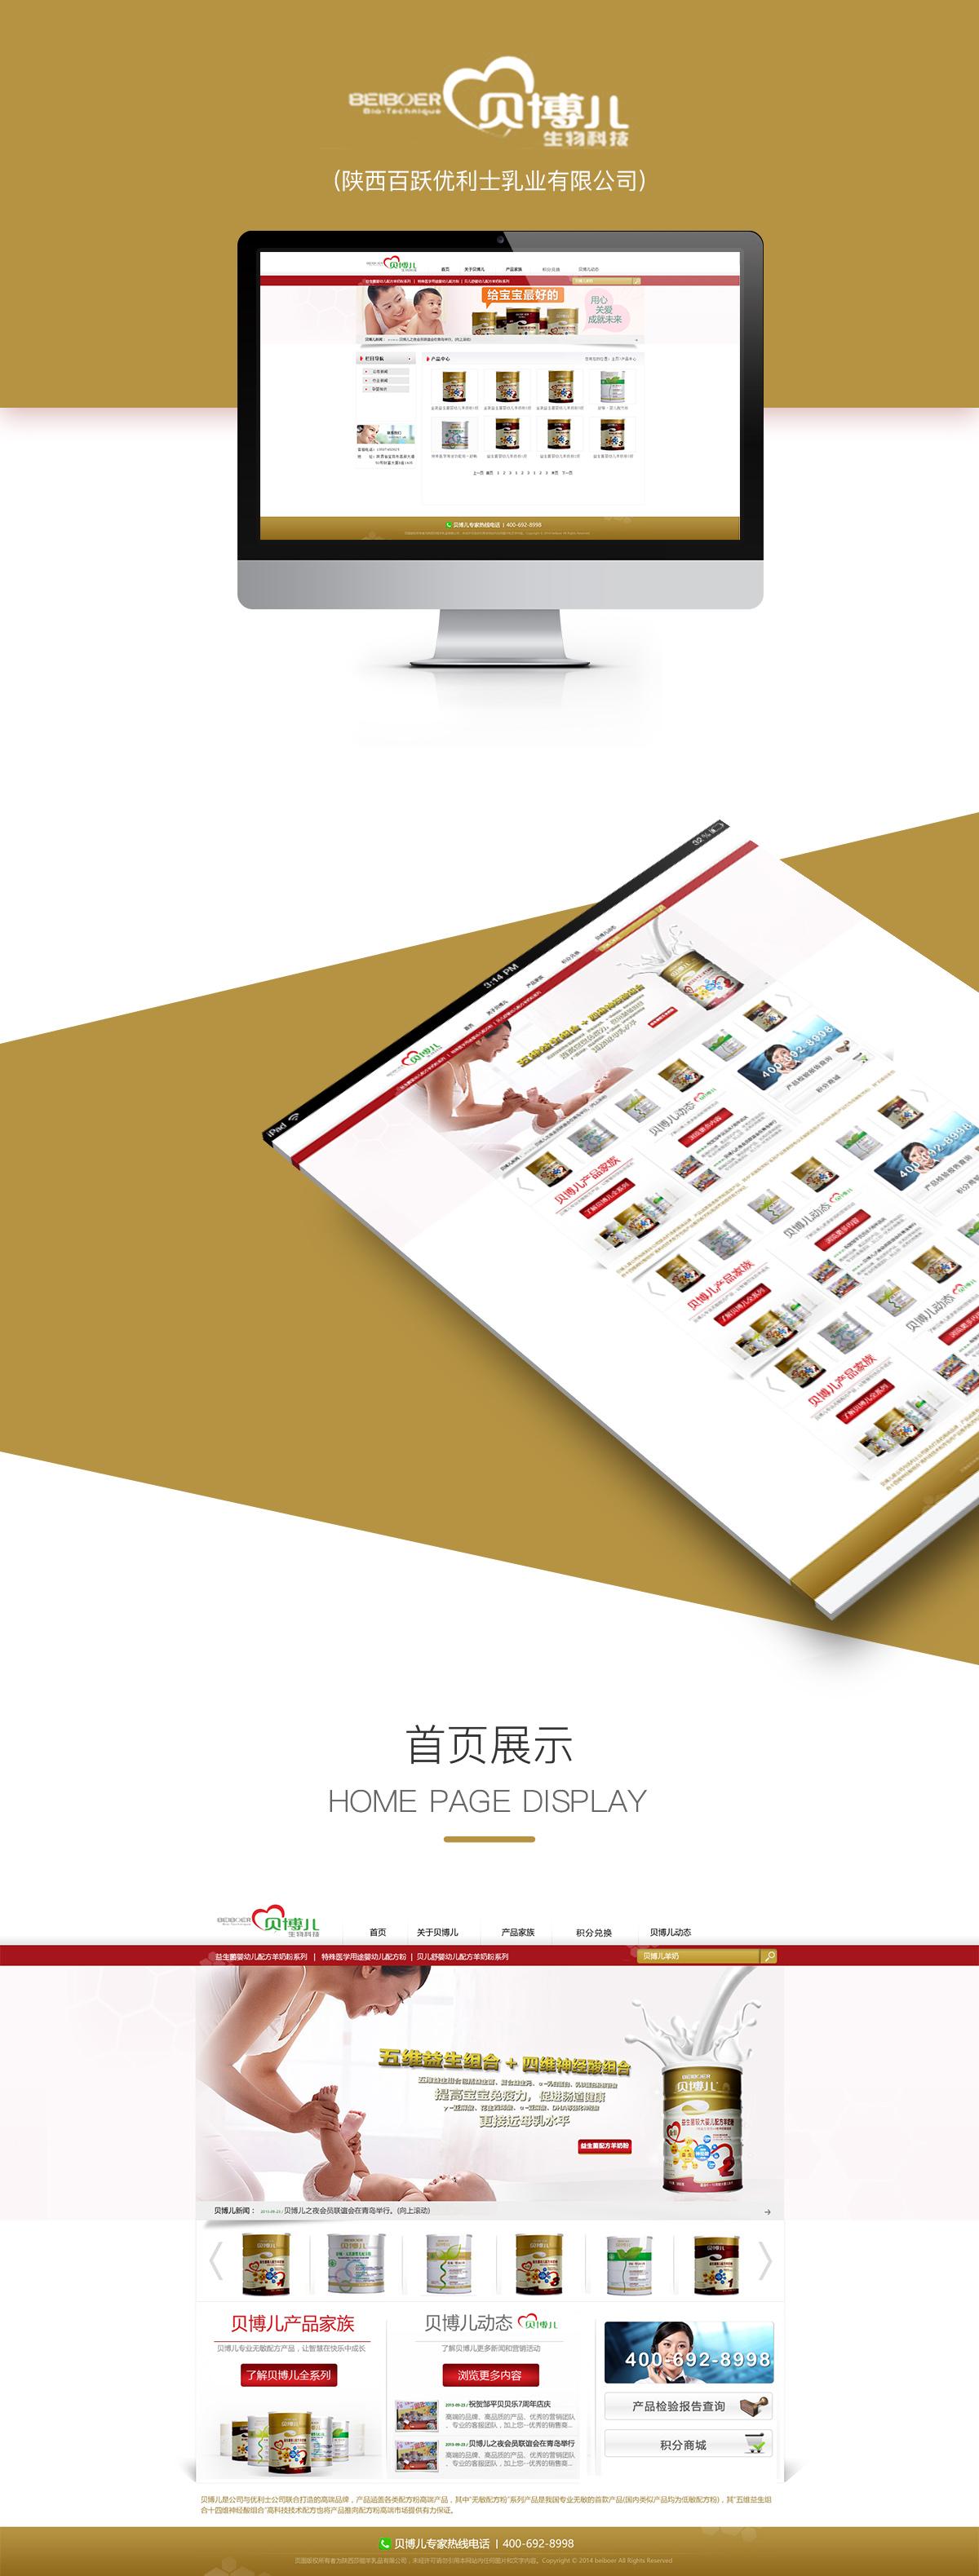 千赢国际娱乐网页版_千赢国际苹果手机APP_千赢国际官方娱乐平台.jpg